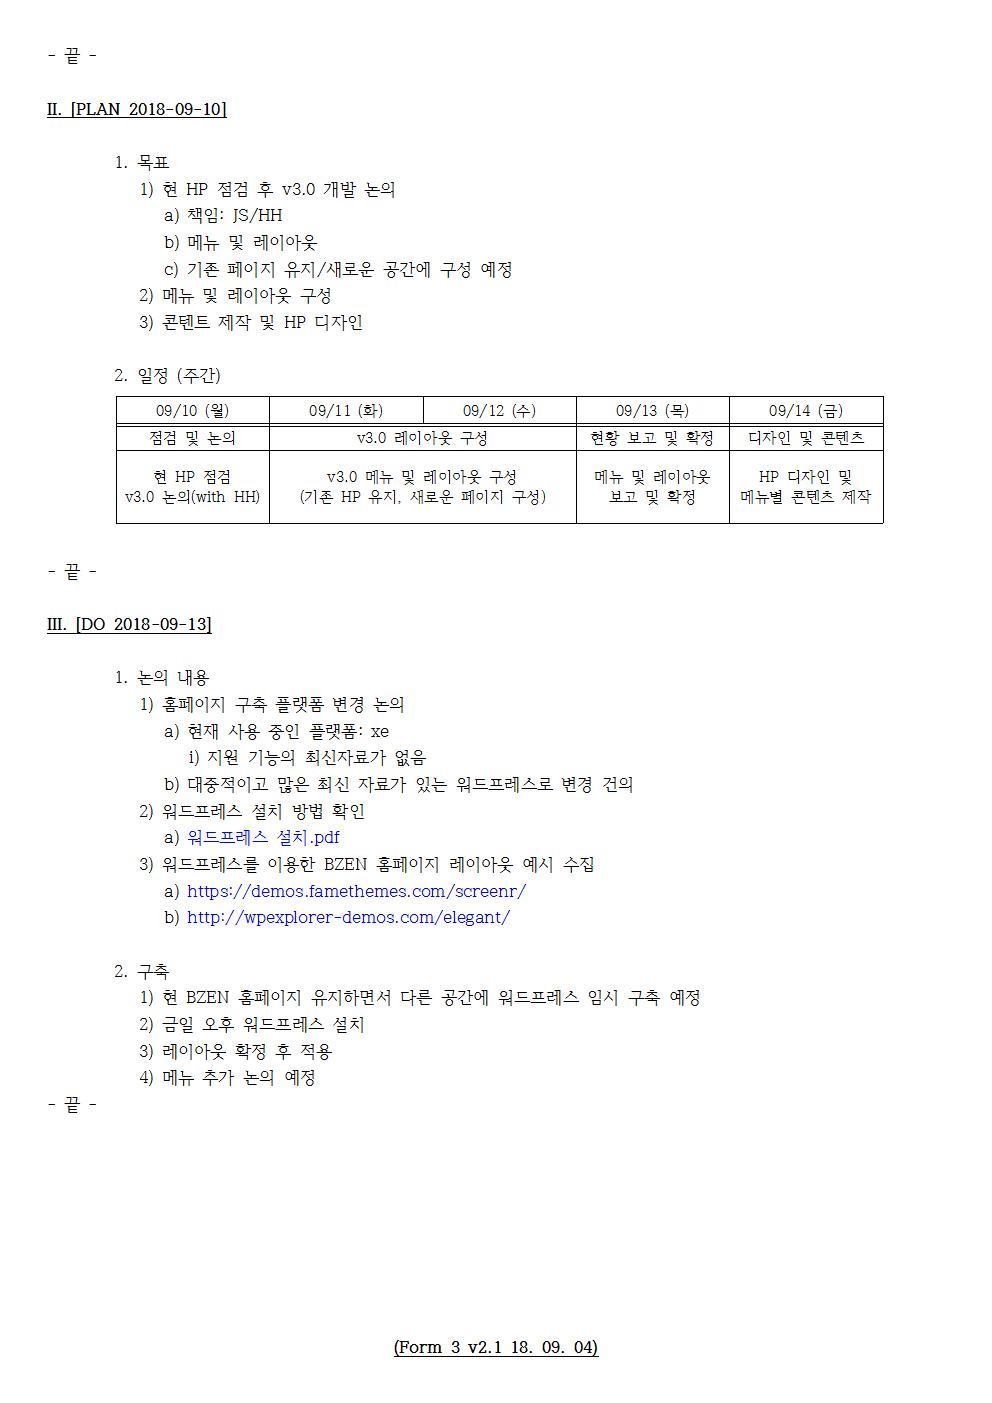 D-[18-047-BZ-07]-[BZEN HP v3.0]-[2018-09-13][JS]002.jpg